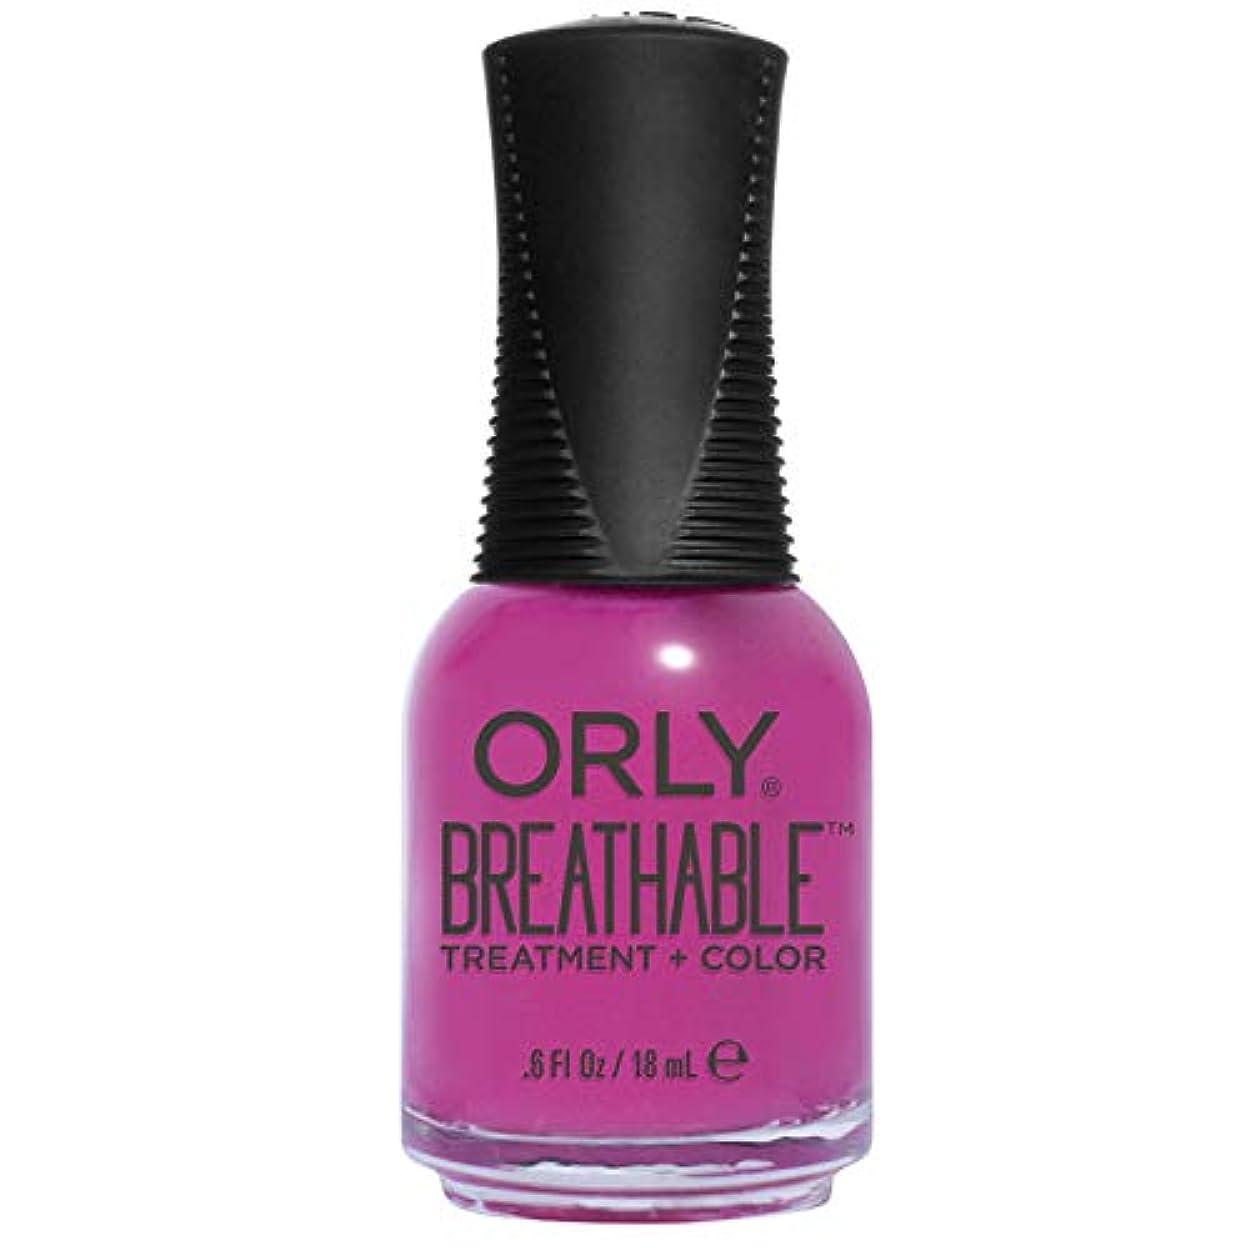 機械的に代替仕様Orly Breathable Treatment + Color Nail Lacquer - Give Me a Break - 0.6oz/18ml